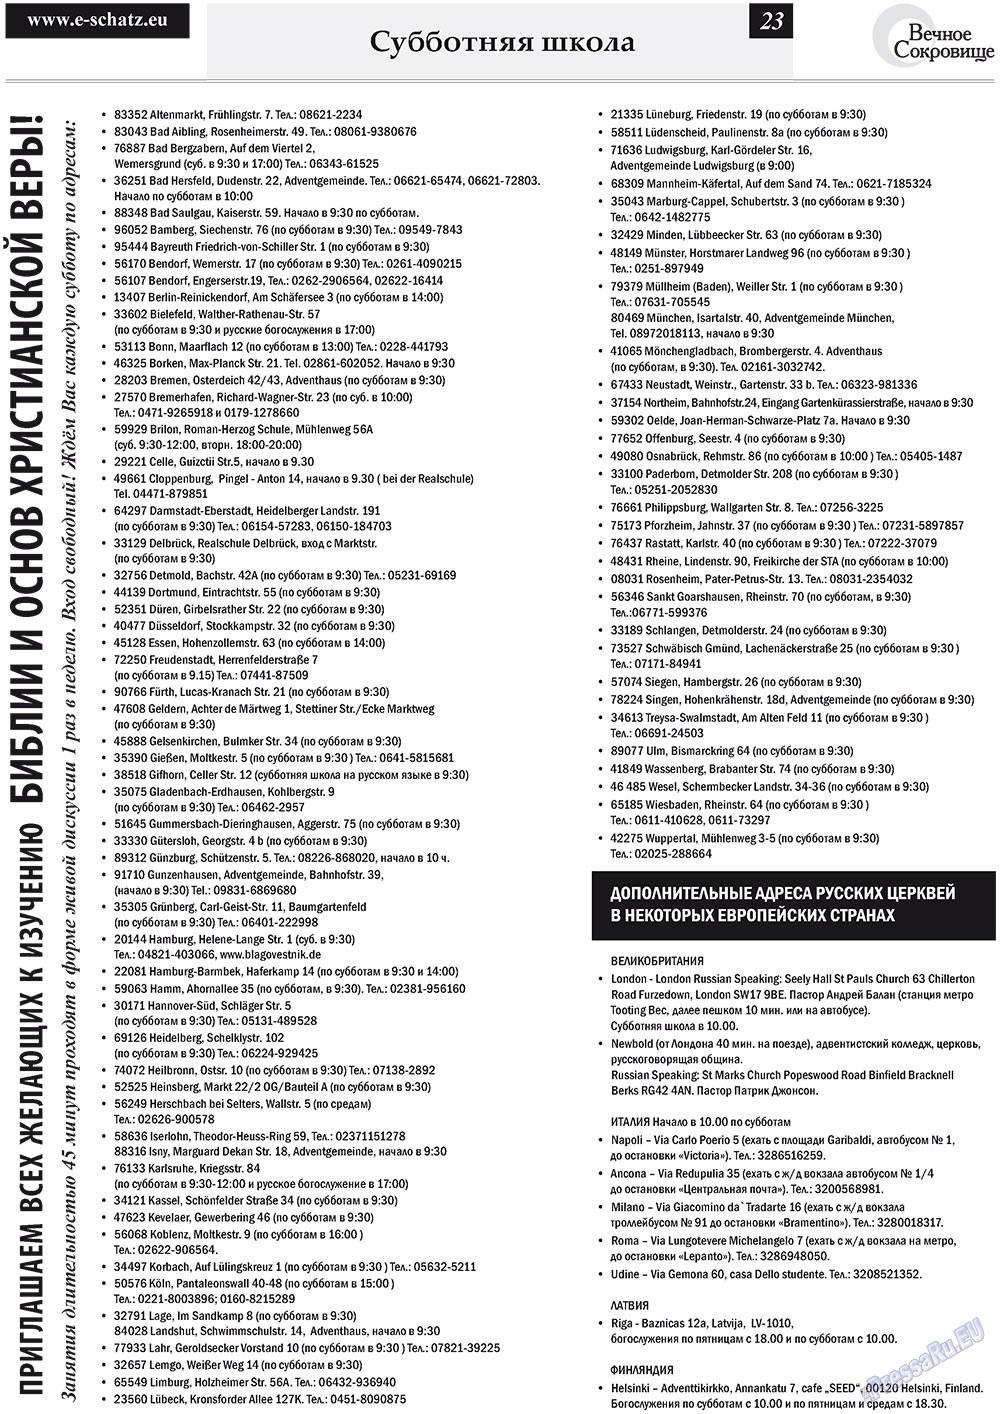 Вечное сокровище (газета). 2010 год, номер 4, стр. 23